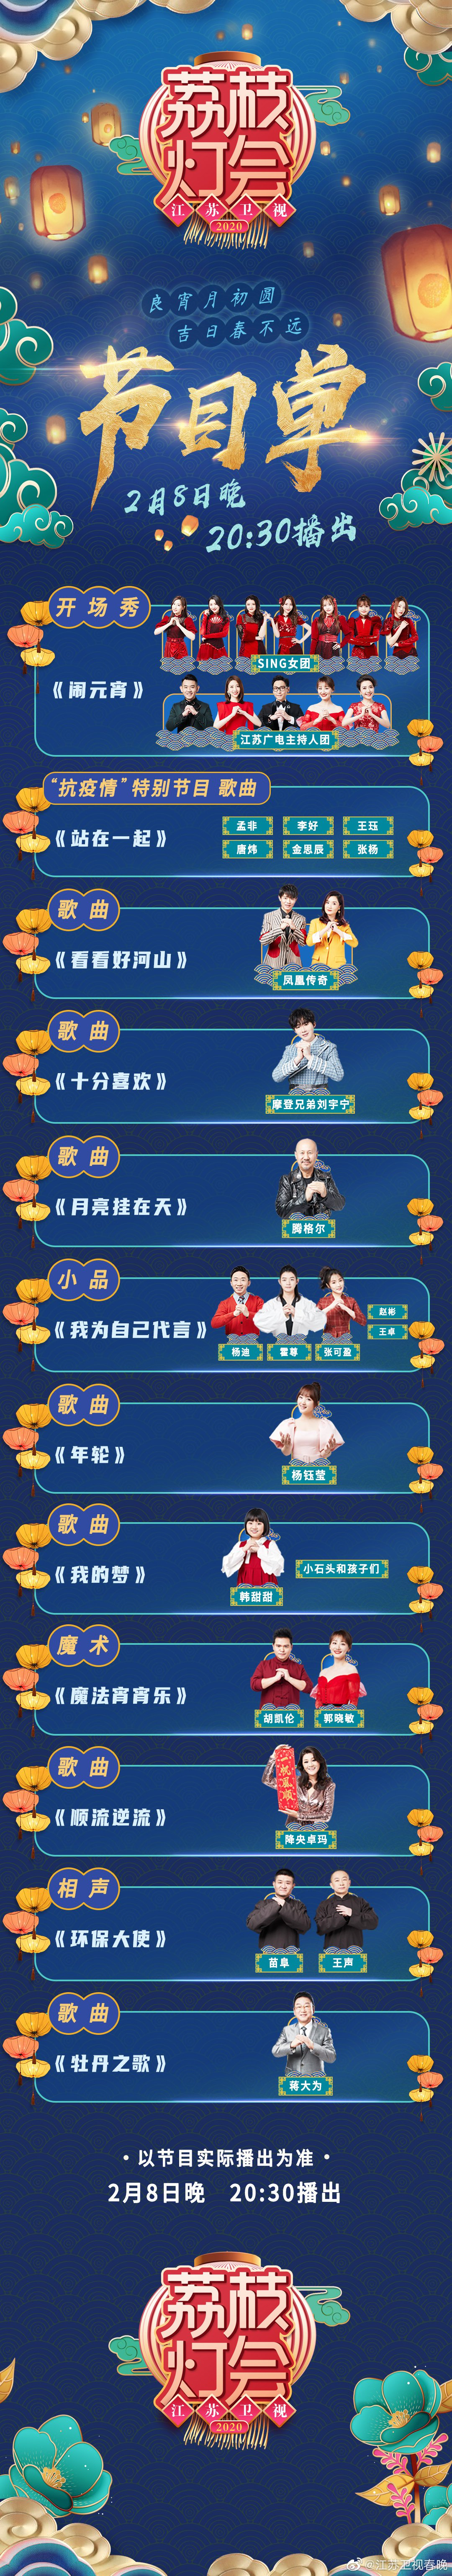 2020江苏卫视元宵晚会节目单一览